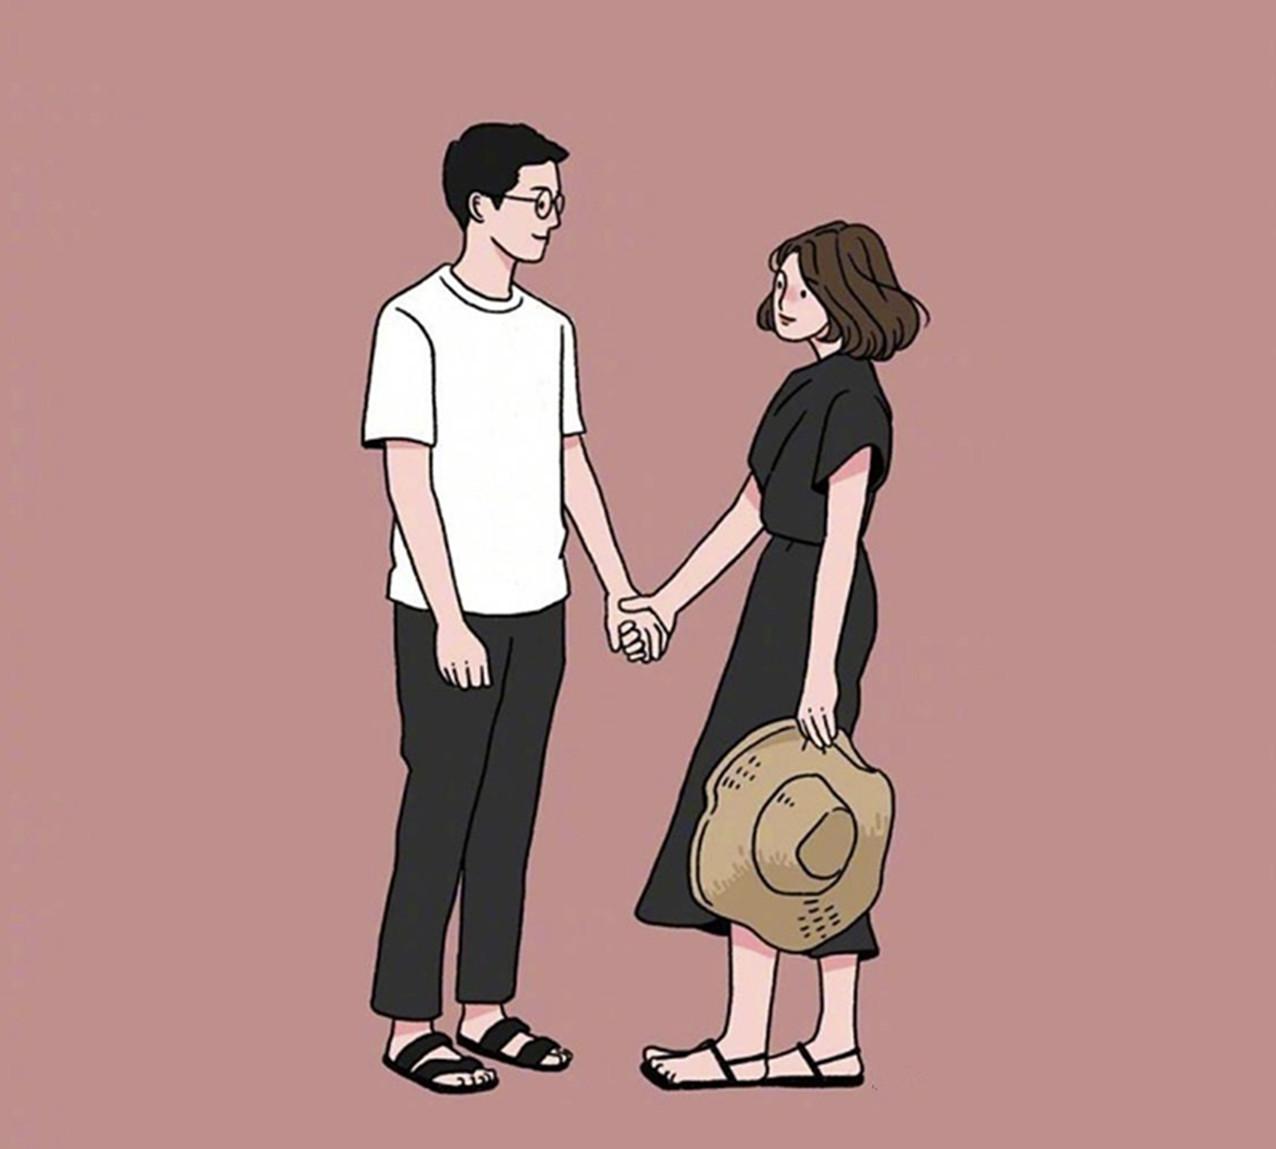 史上最撩人的情话_史上最撩人的情话有哪些